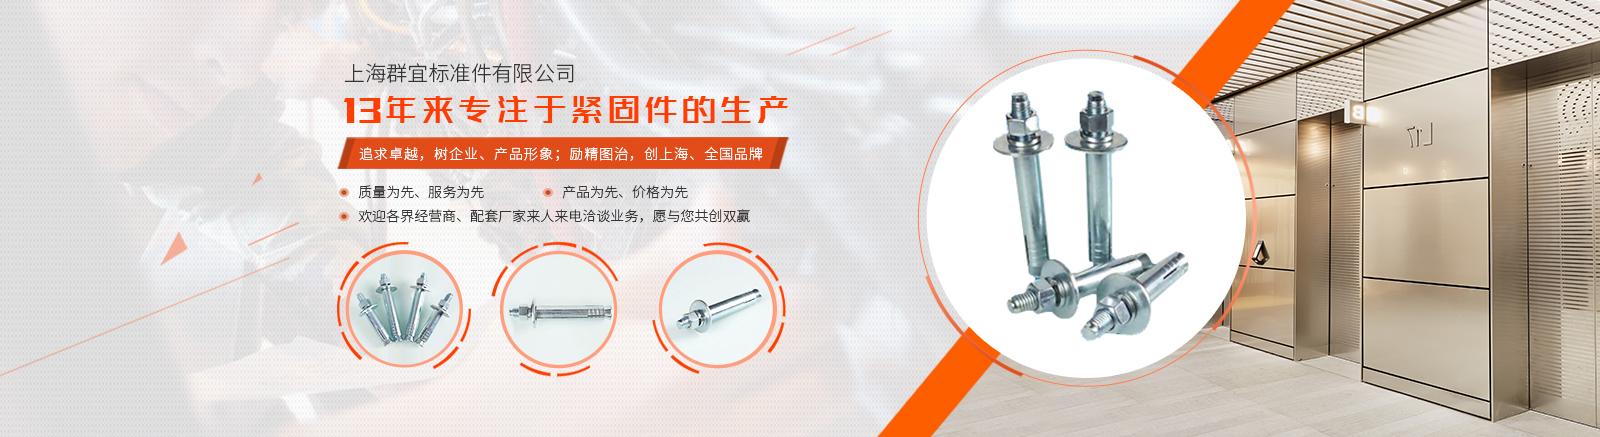 上海群宜标准件有限公司